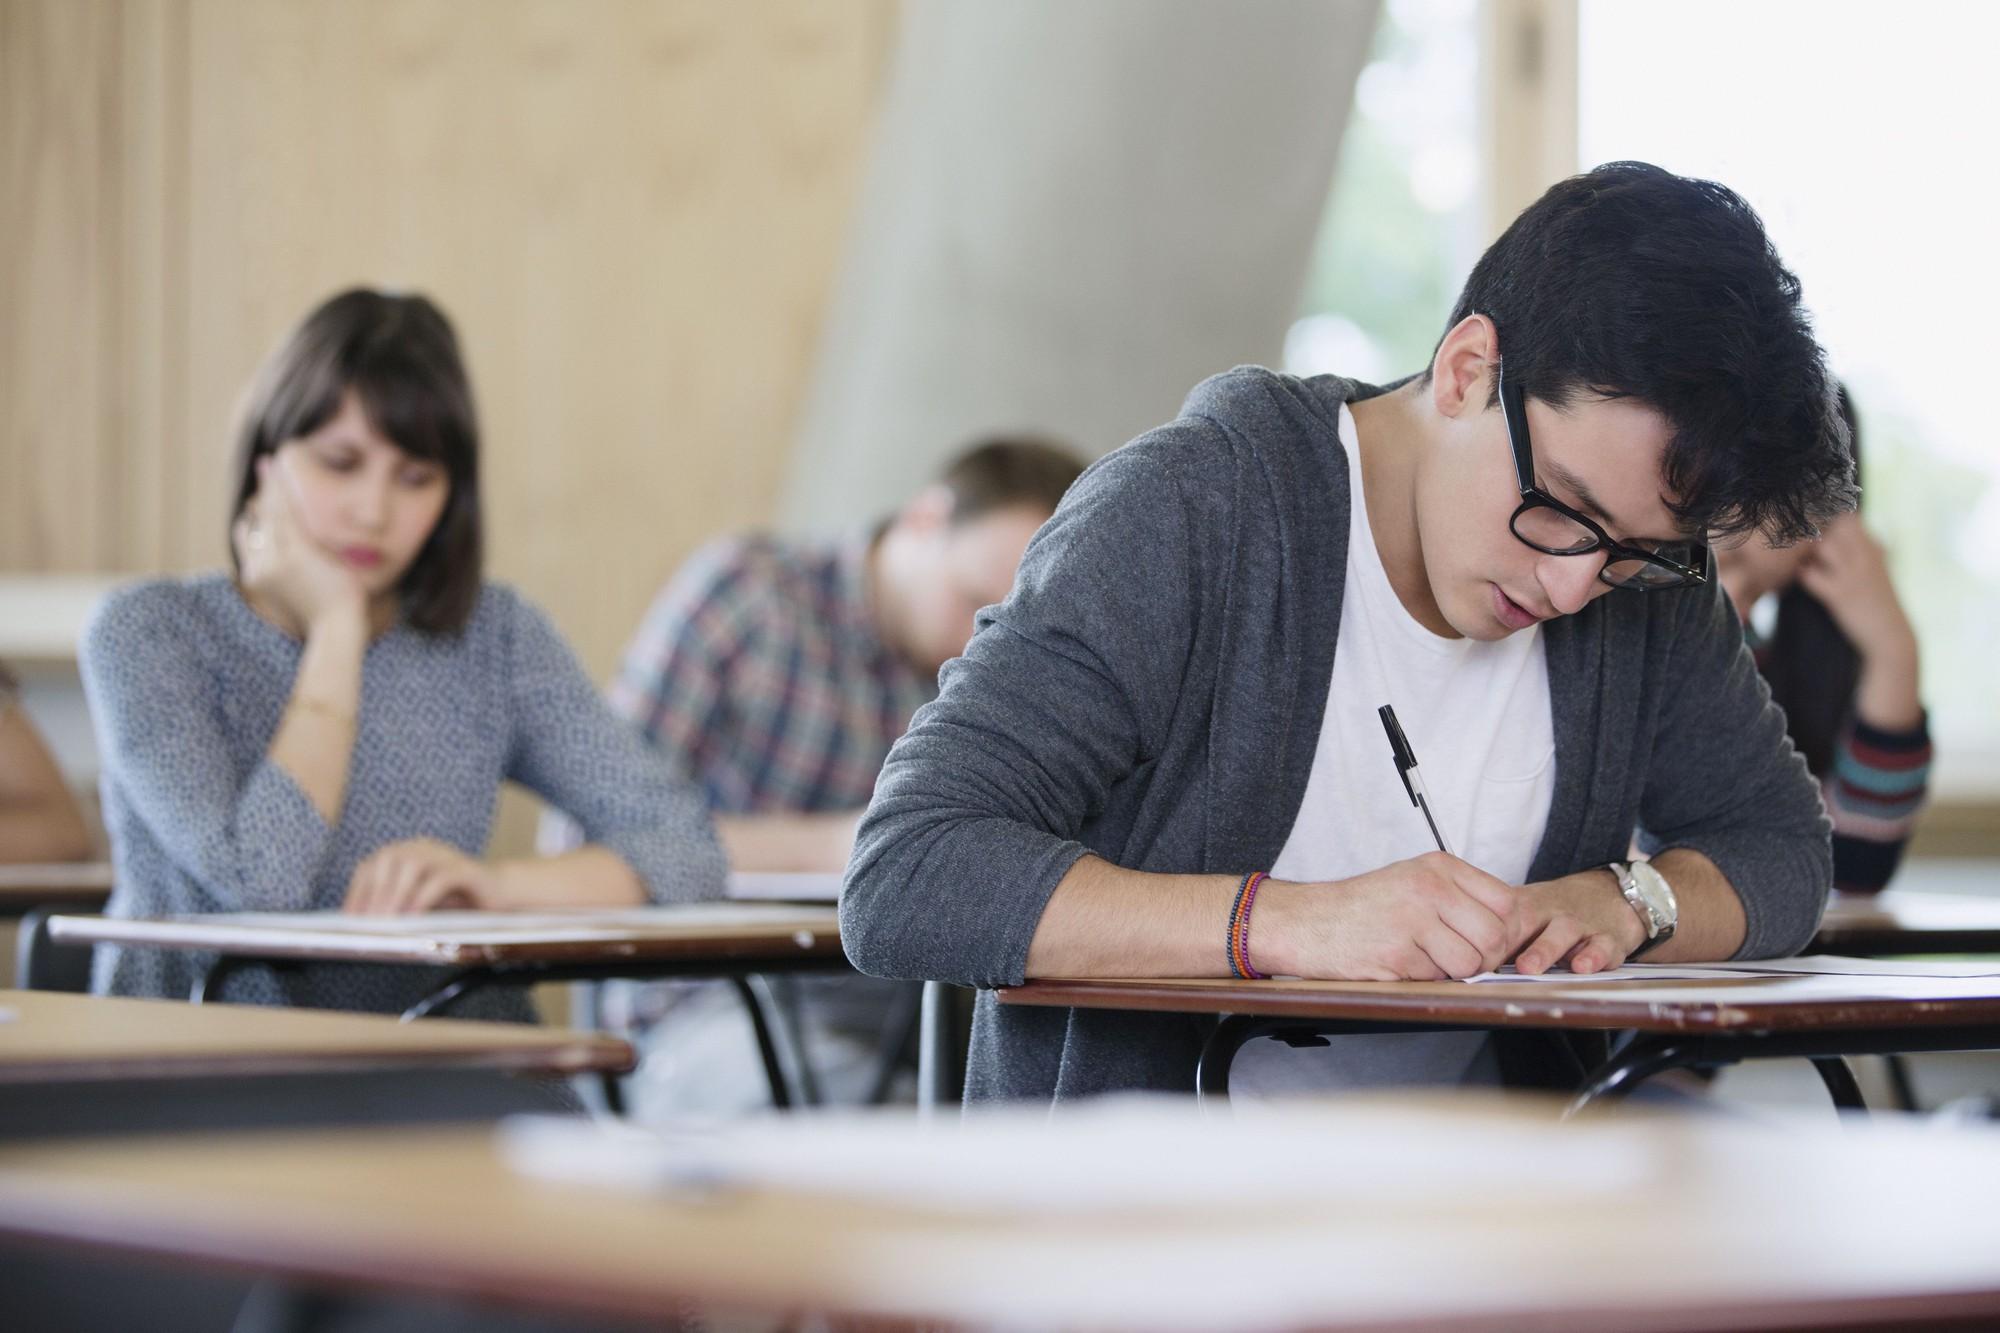 điều kiện xin học bổng Đài Loan; điều kiện xin học bổng Nhật Bản; điều kiện xin học bổng Hàn Quốc; hoc bong du hoc